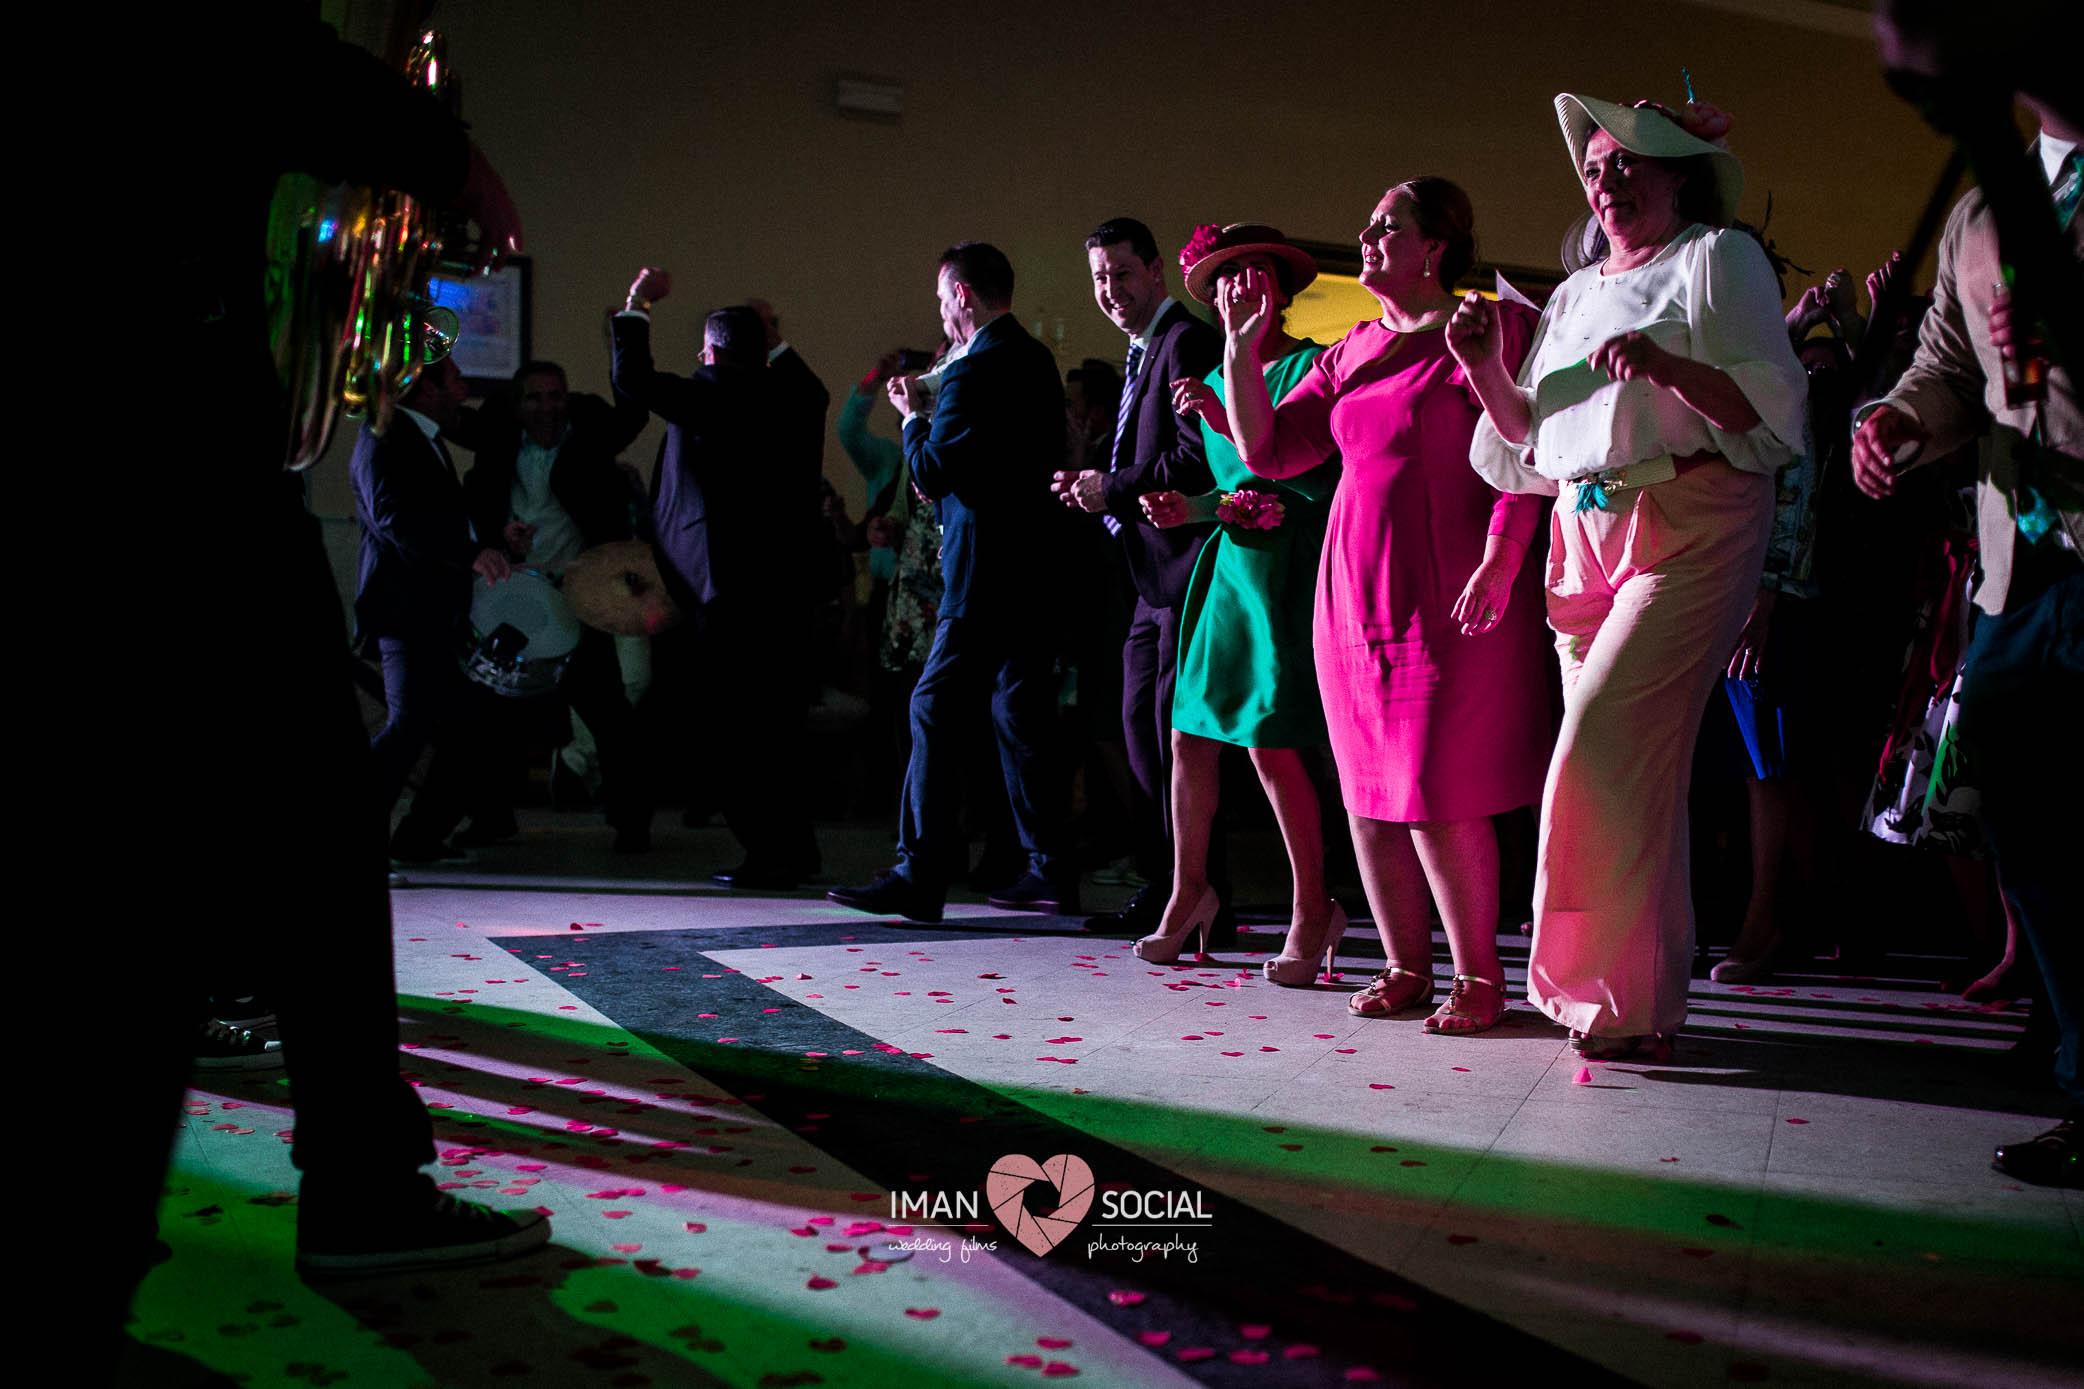 fotografo-de-boda-en-cordoba-sevilla-posadas-boda-auxi-y-antonio-41 Auxi & Antonio, primera boda de la temporada - video boda cordoba